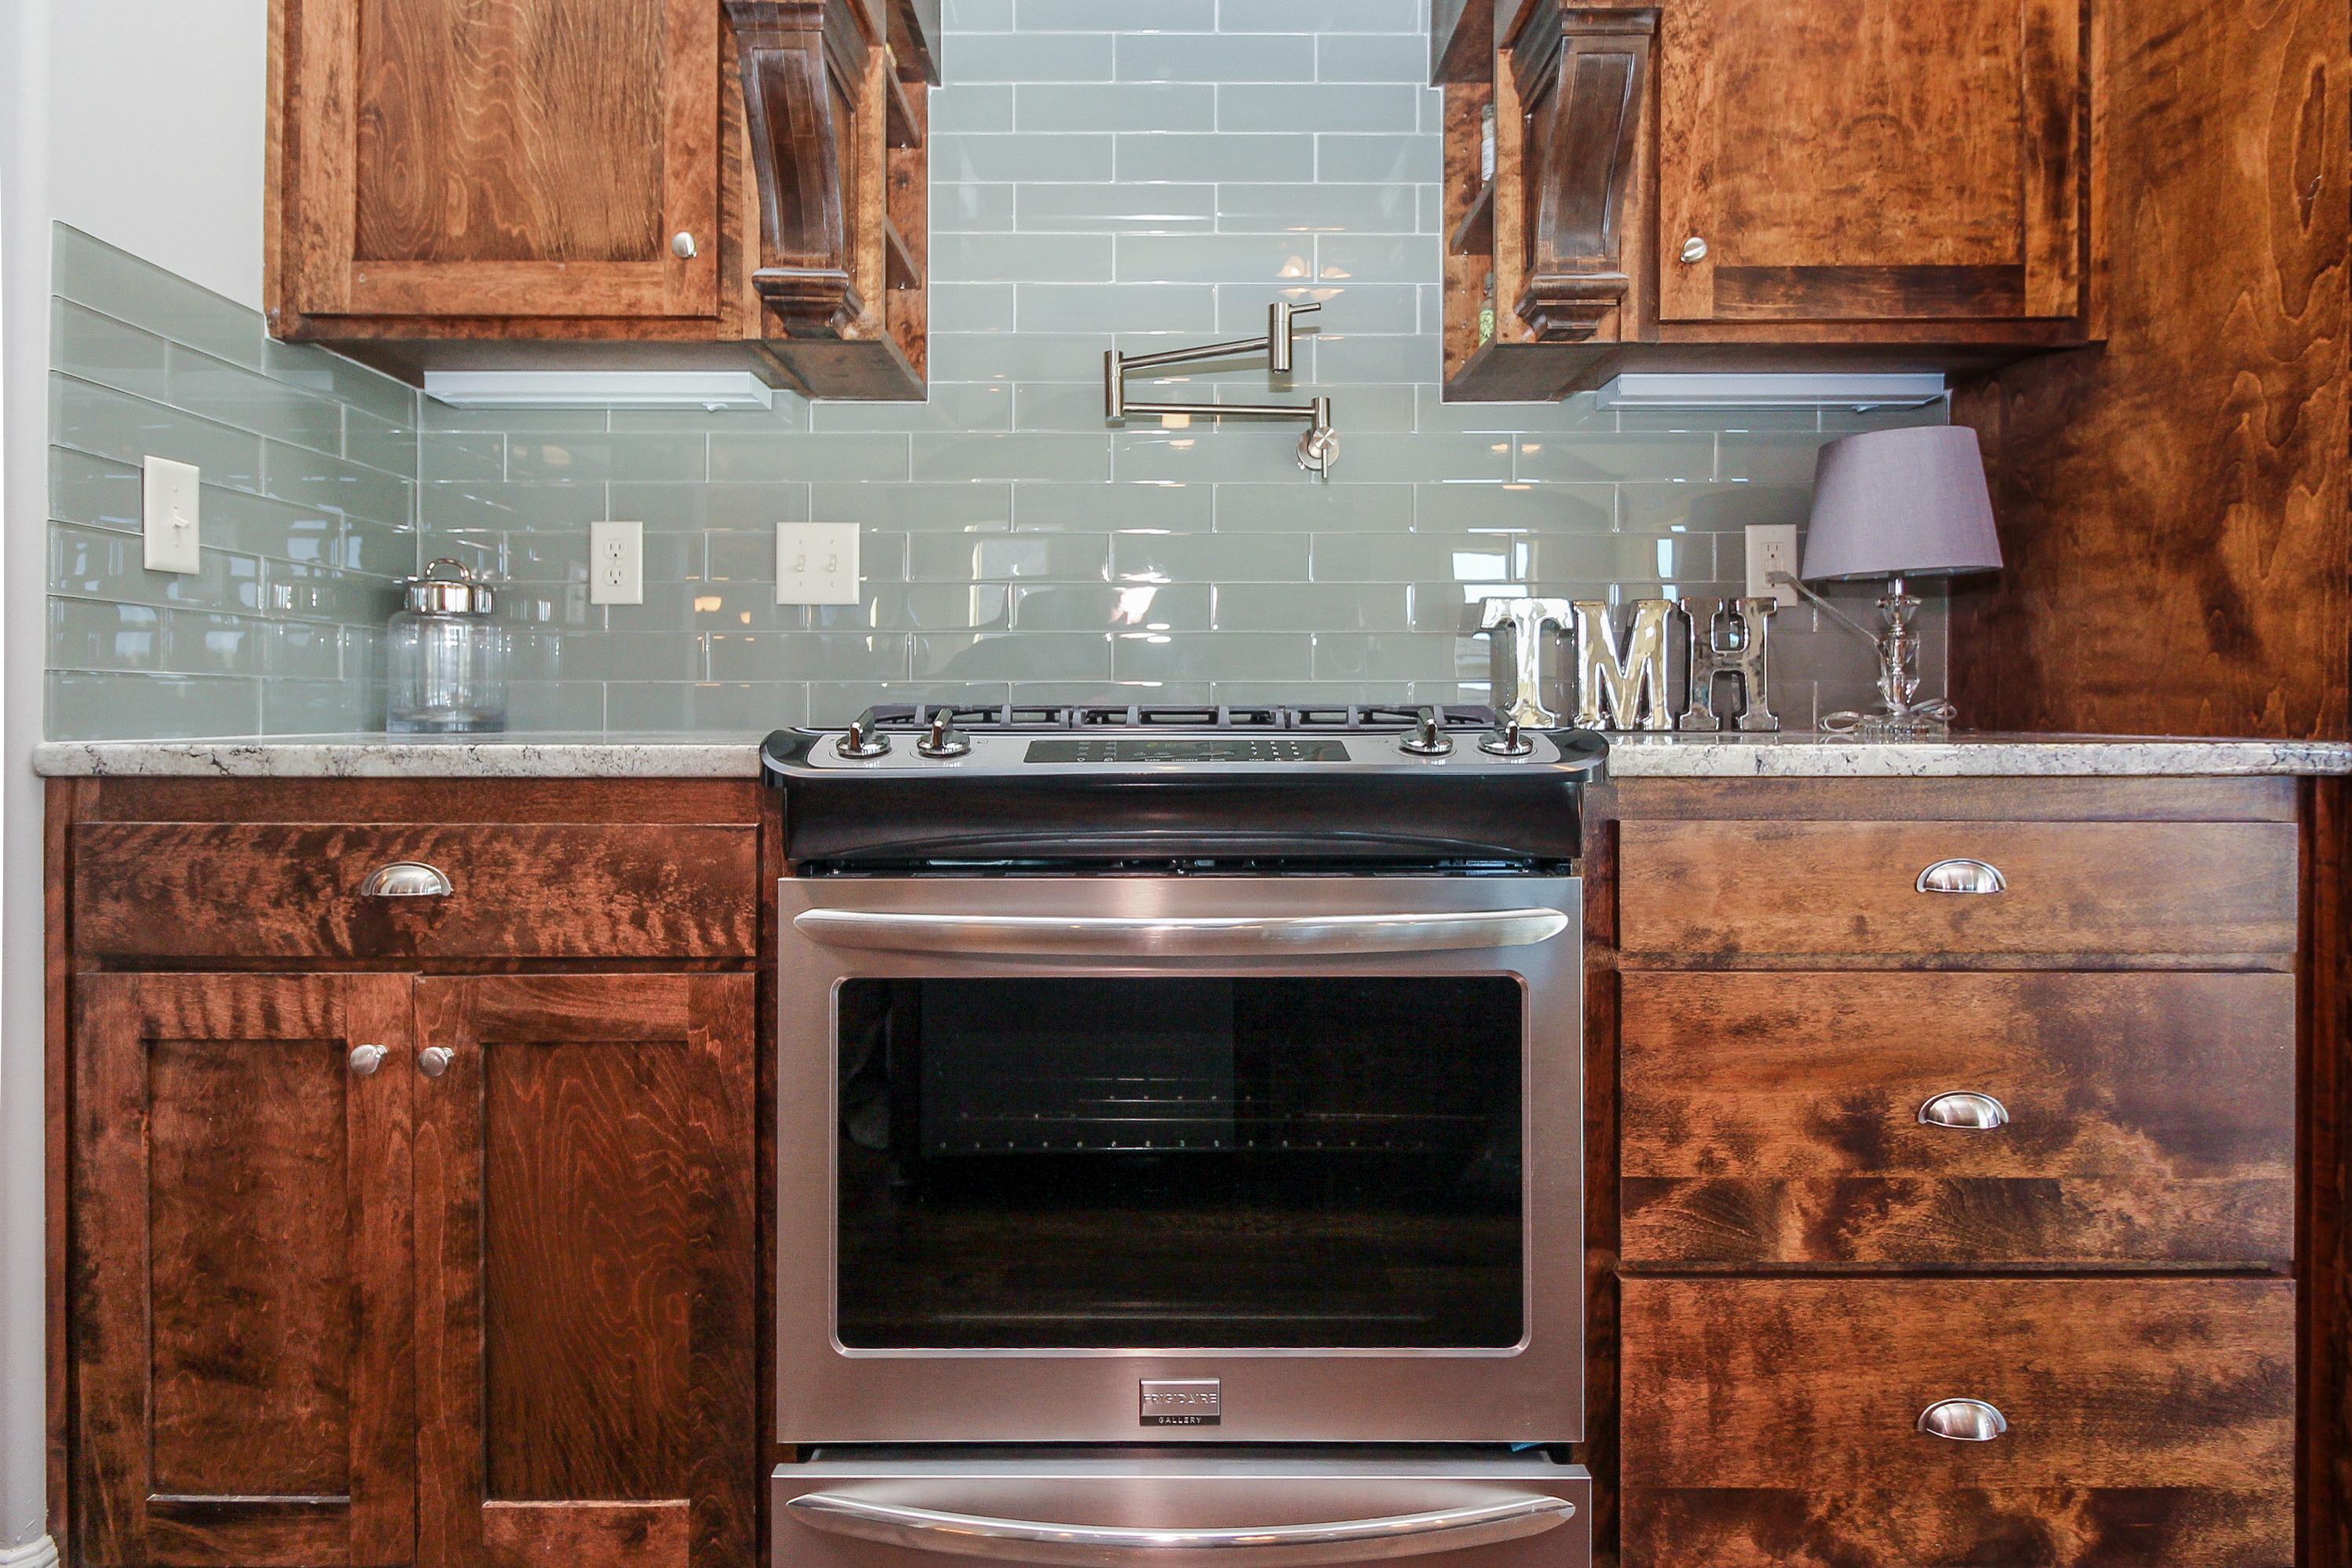 Kitchen with Range